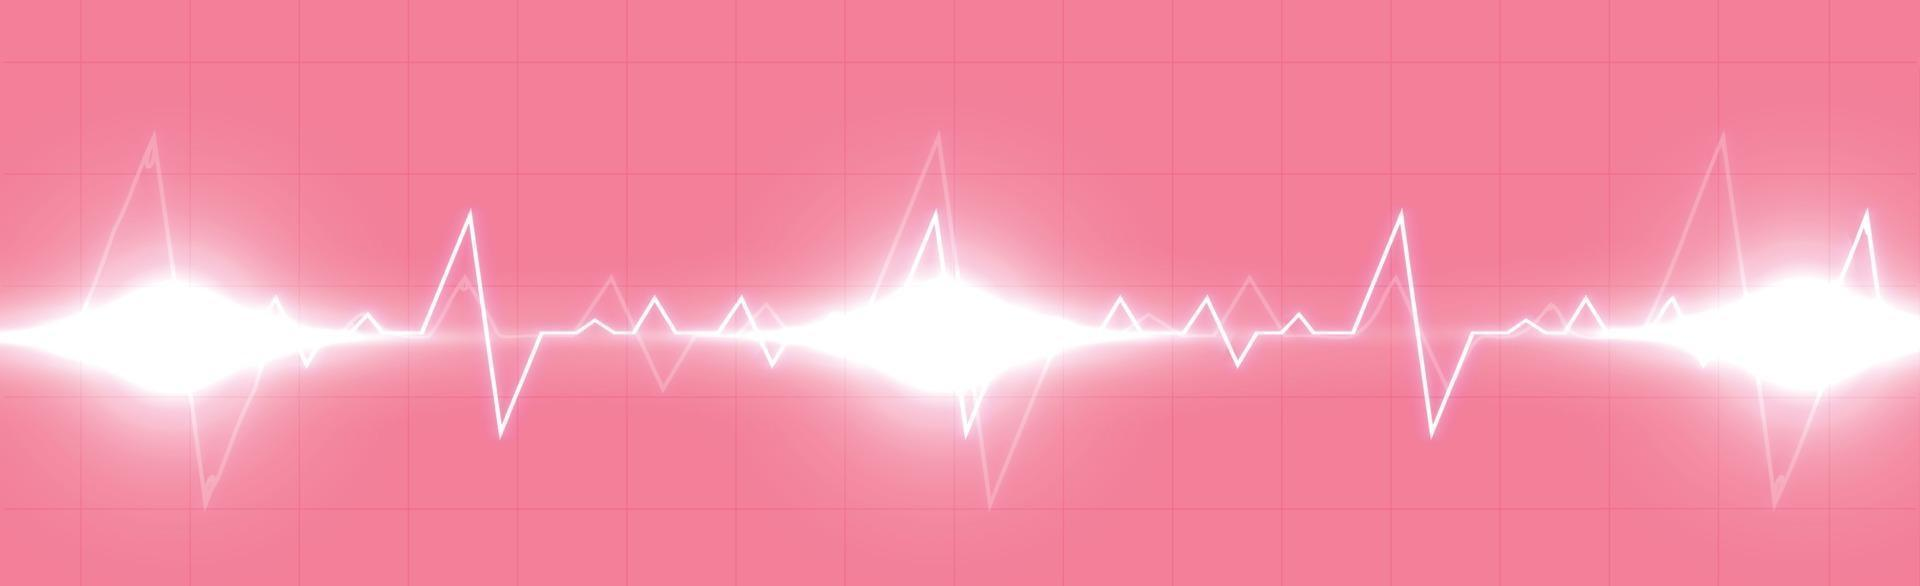 pouls cardiaque - ligne rouge courbe sur fond rouge-noir vecteur